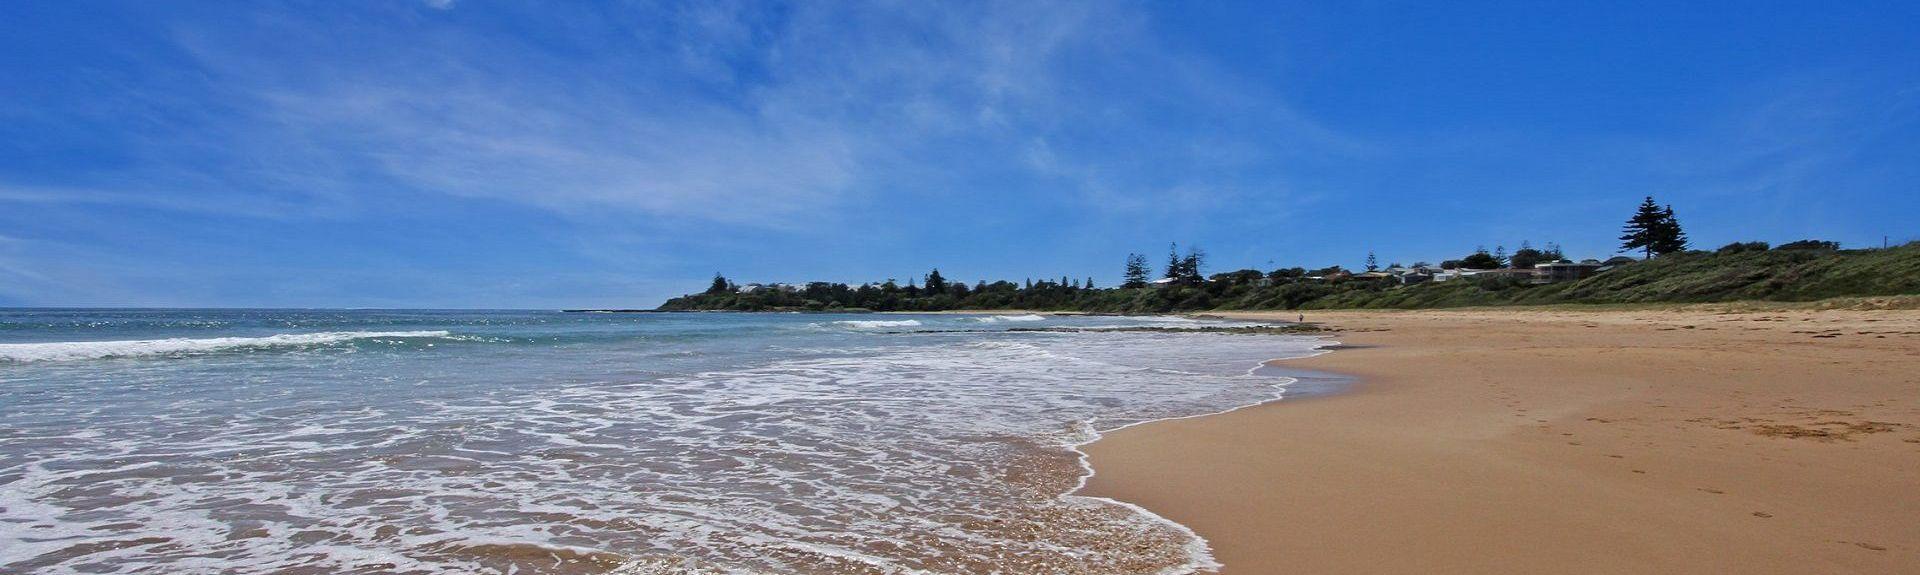 Coolangatta, Nueva Gales del Sur, Australia